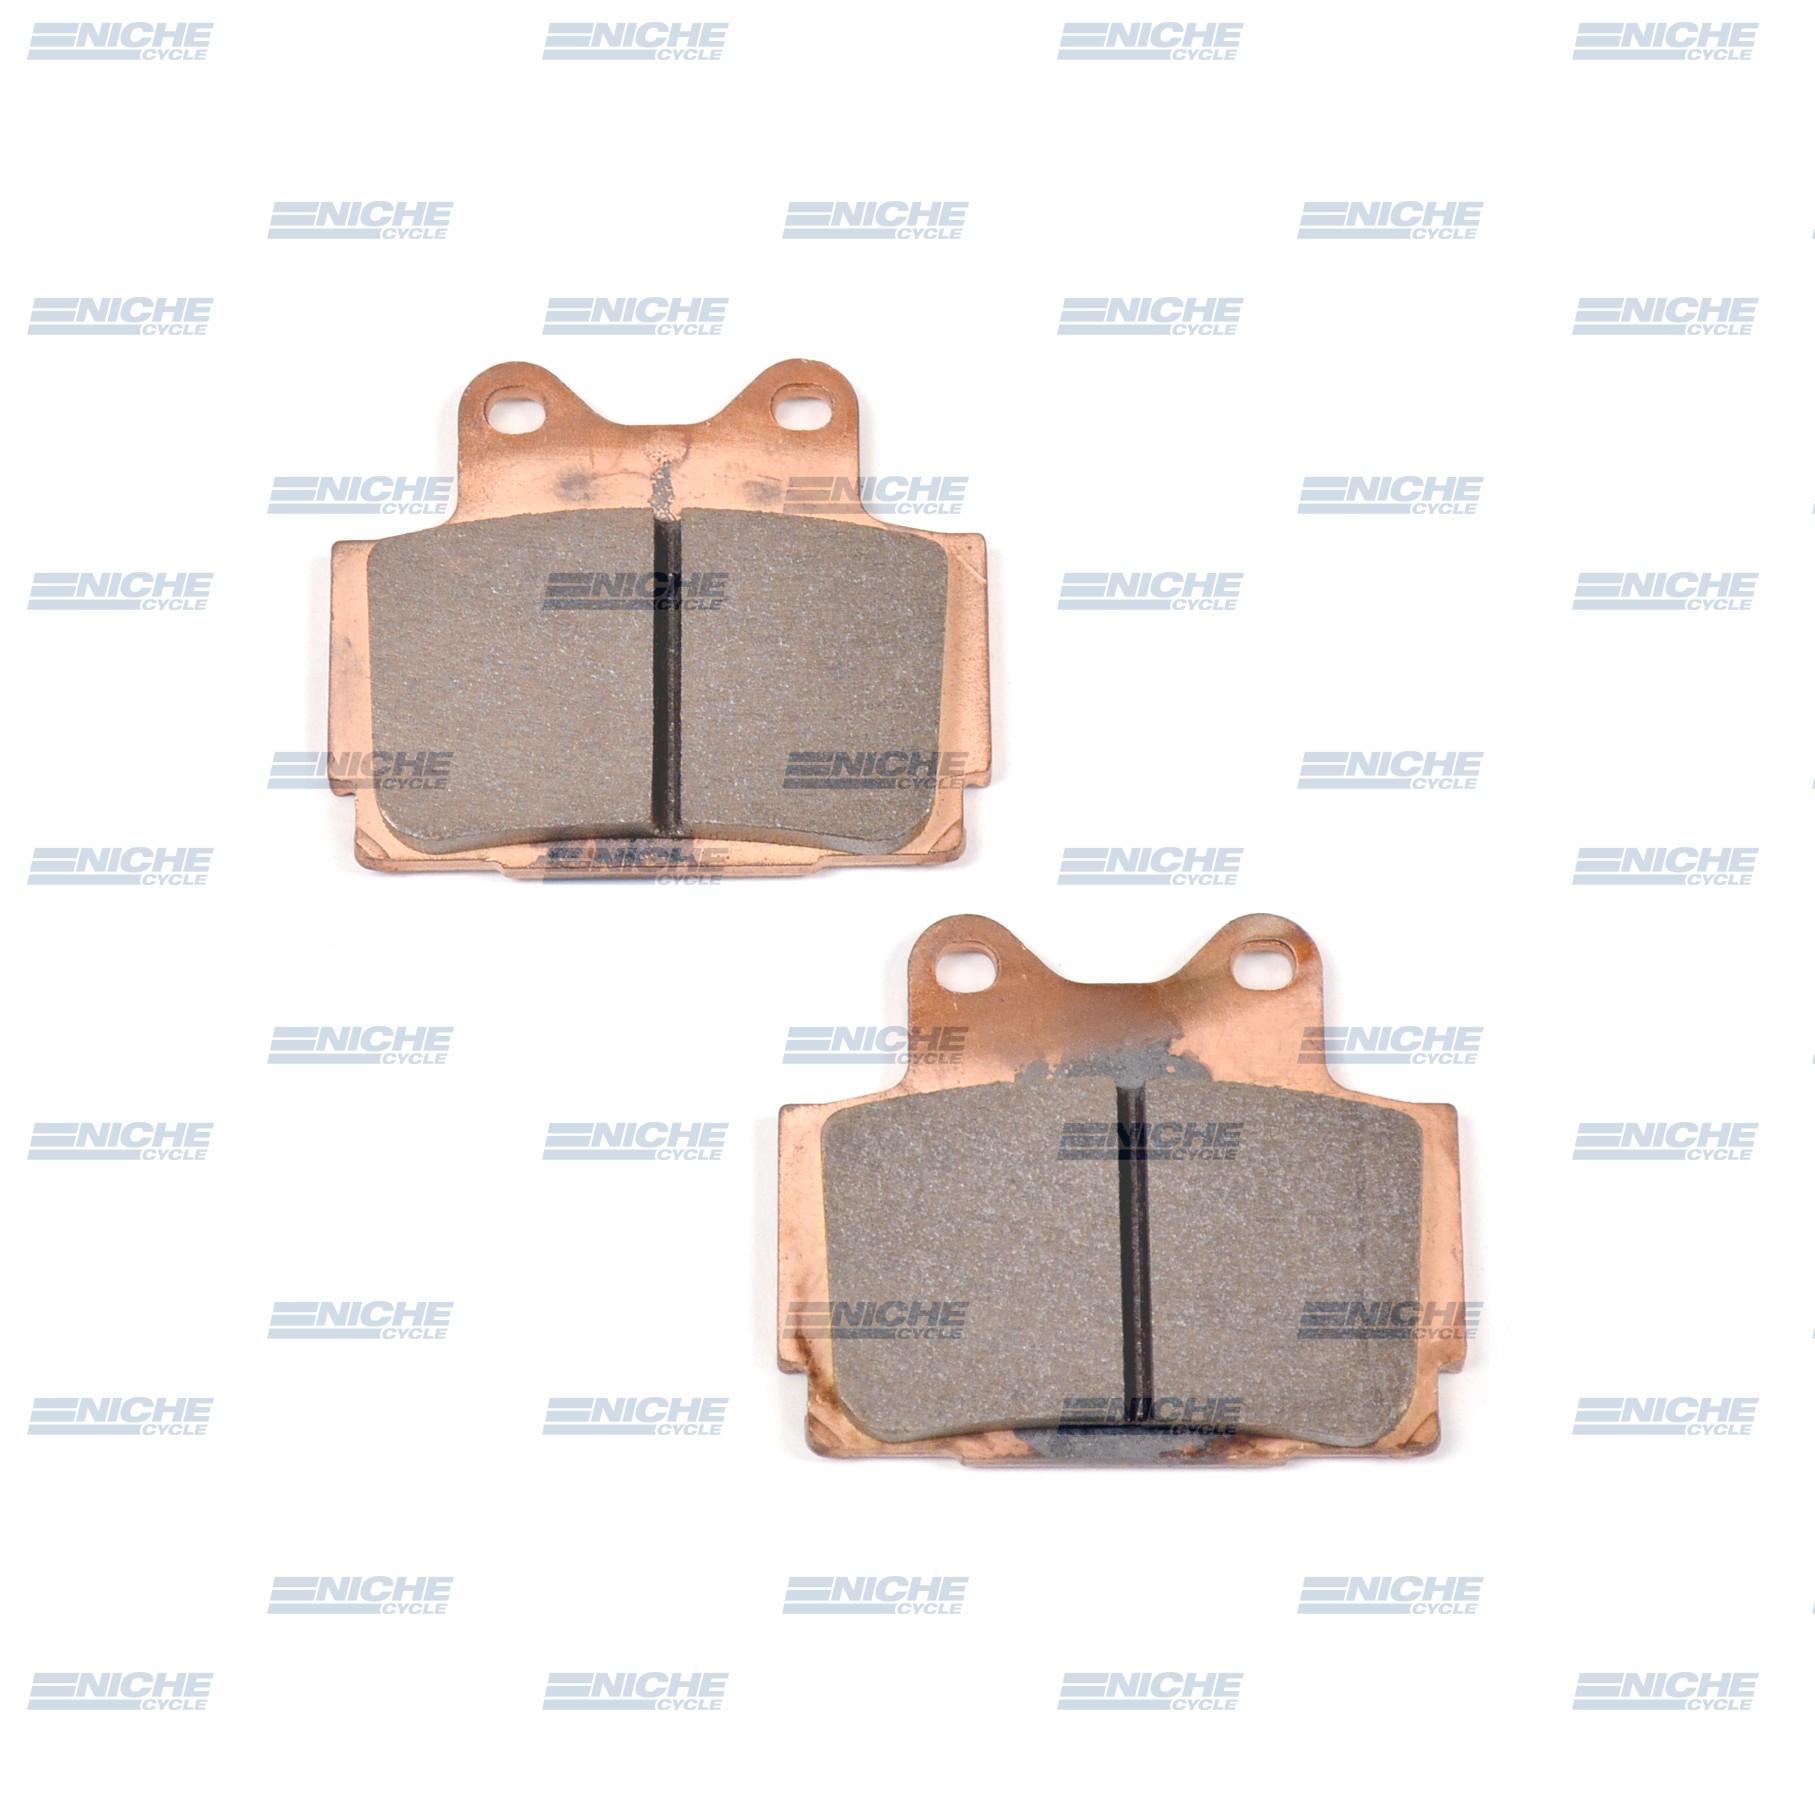 Brake Pad - Full Metal 64-62267